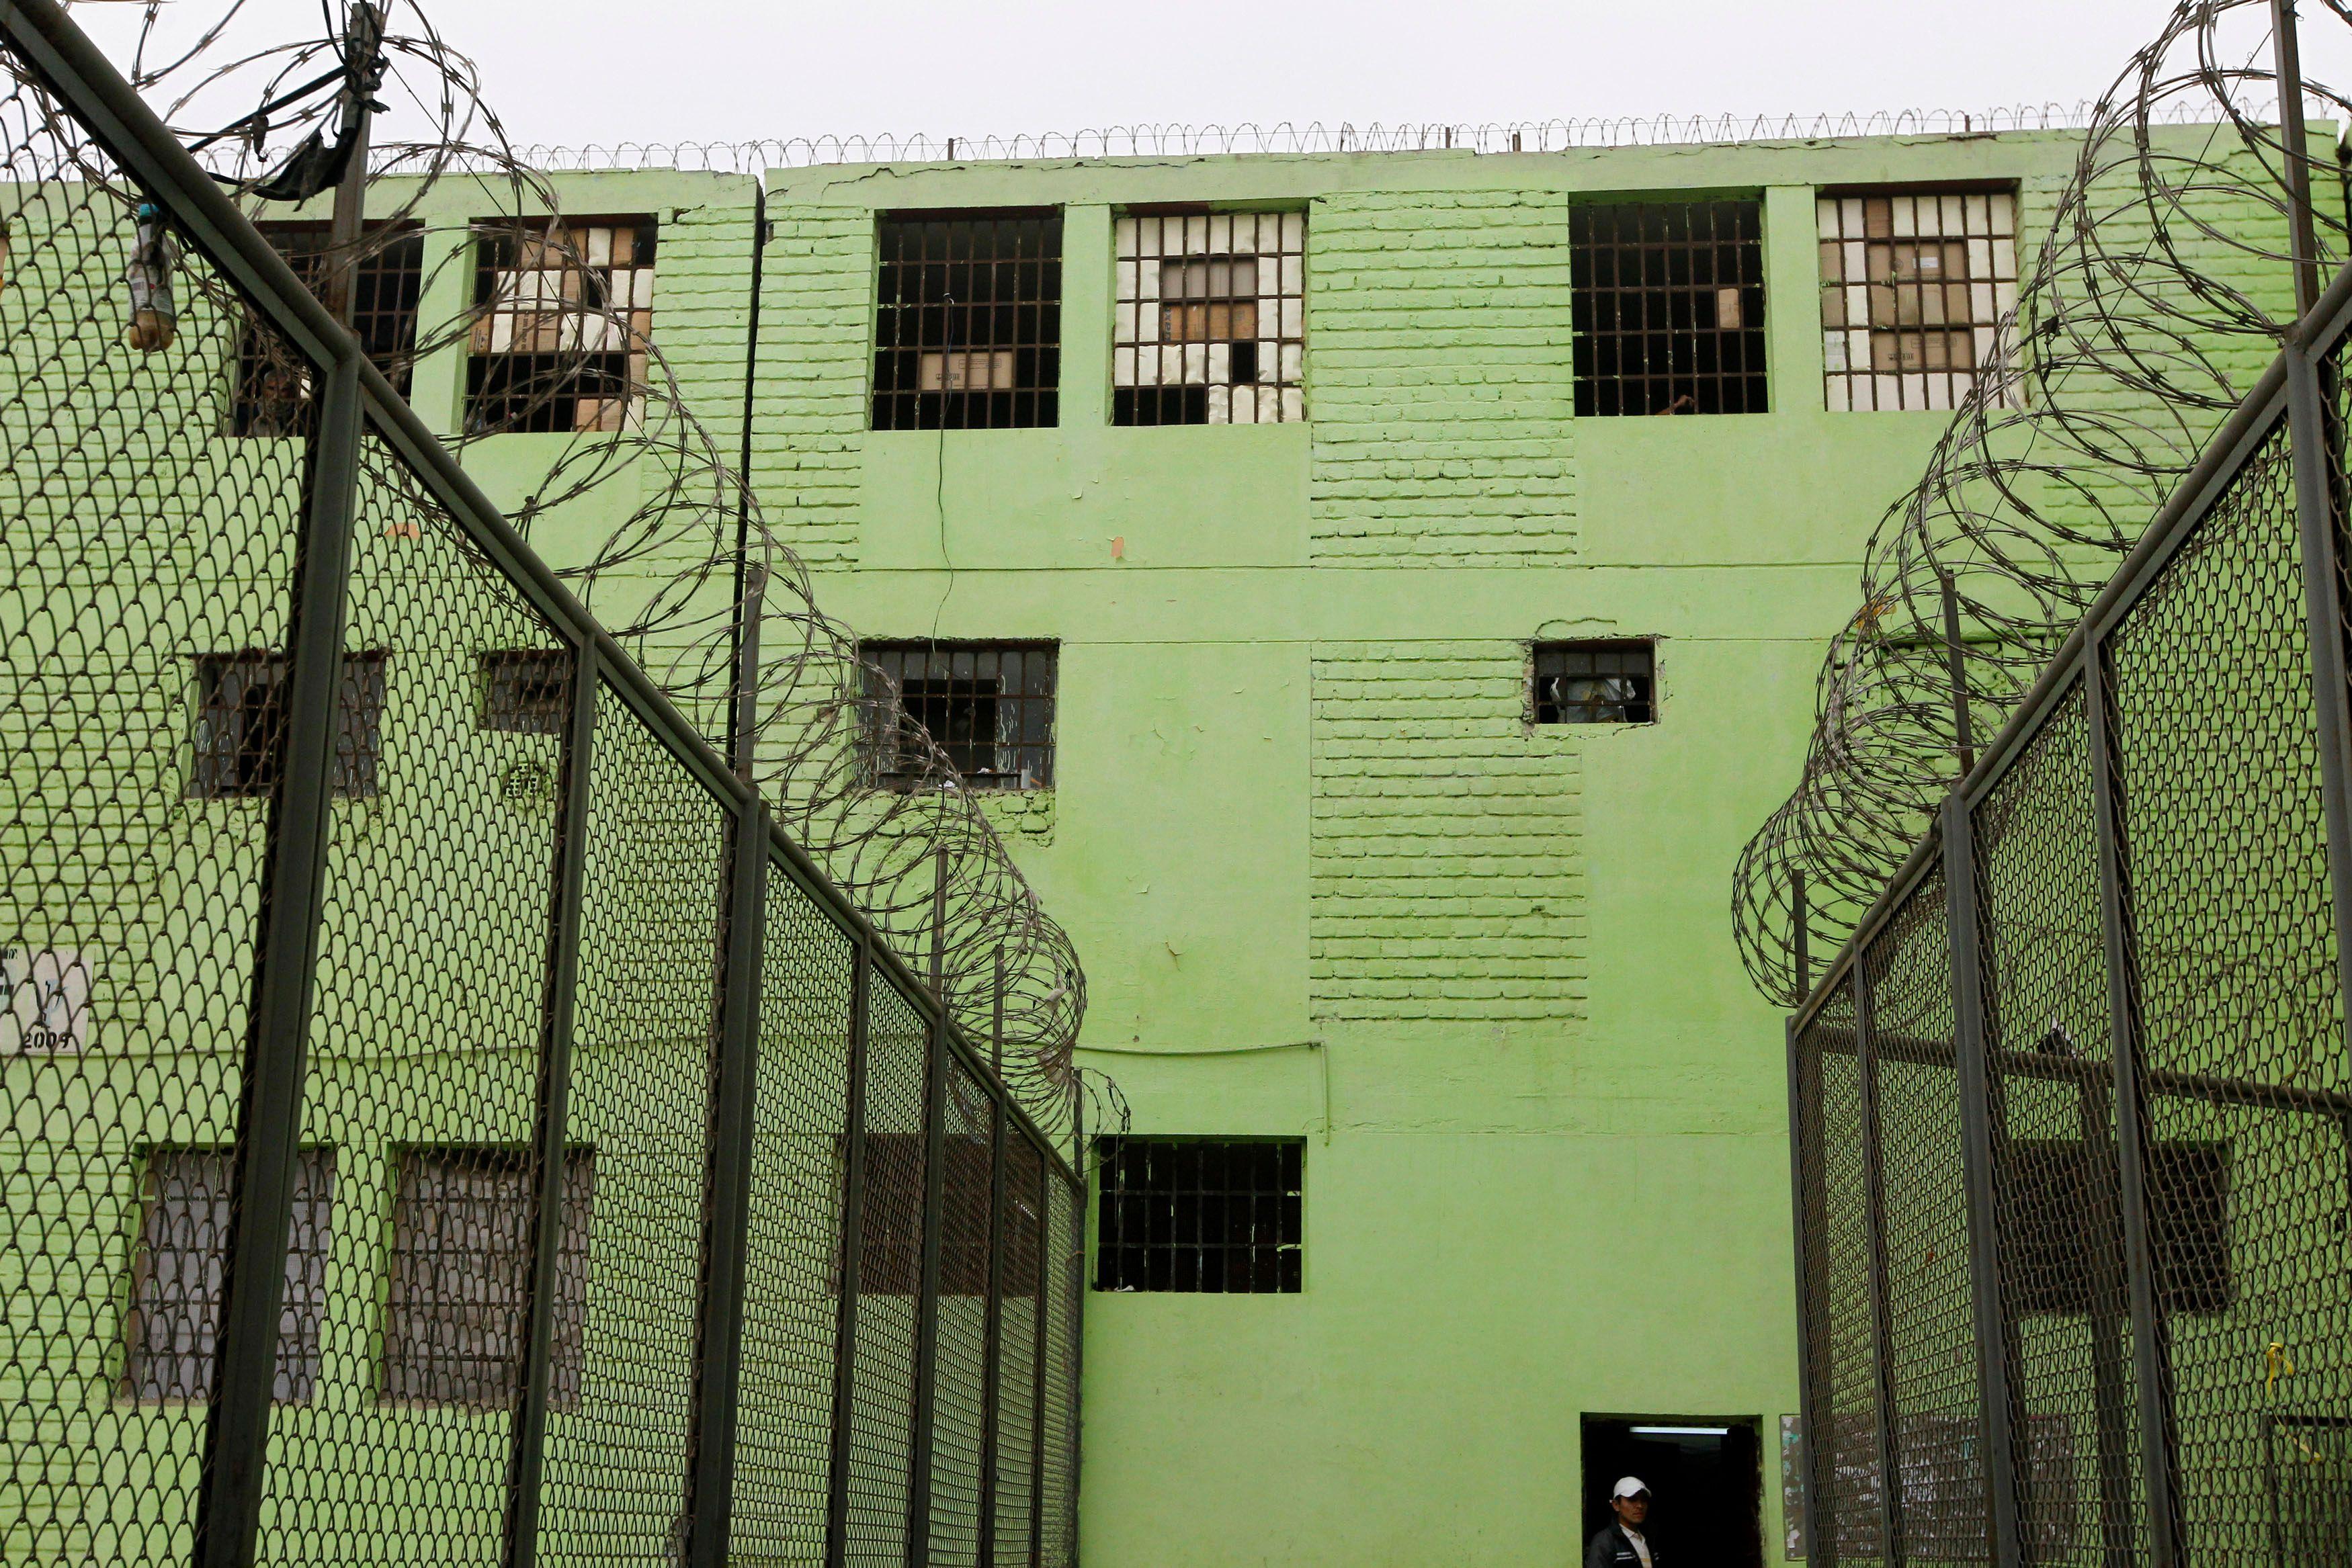 L'incarcération des délinquants multirécidivistes permet de prévenir de nombreux crimes et délits.